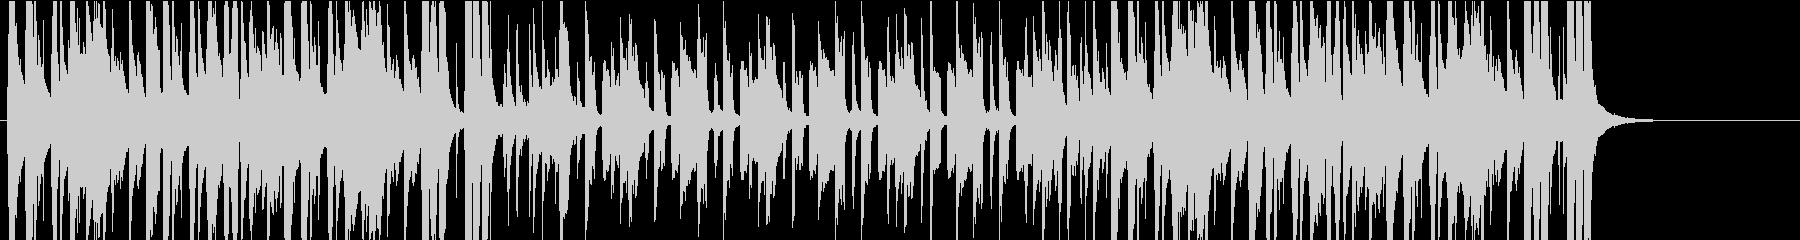 サルサ、またはラテンのんの未再生の波形